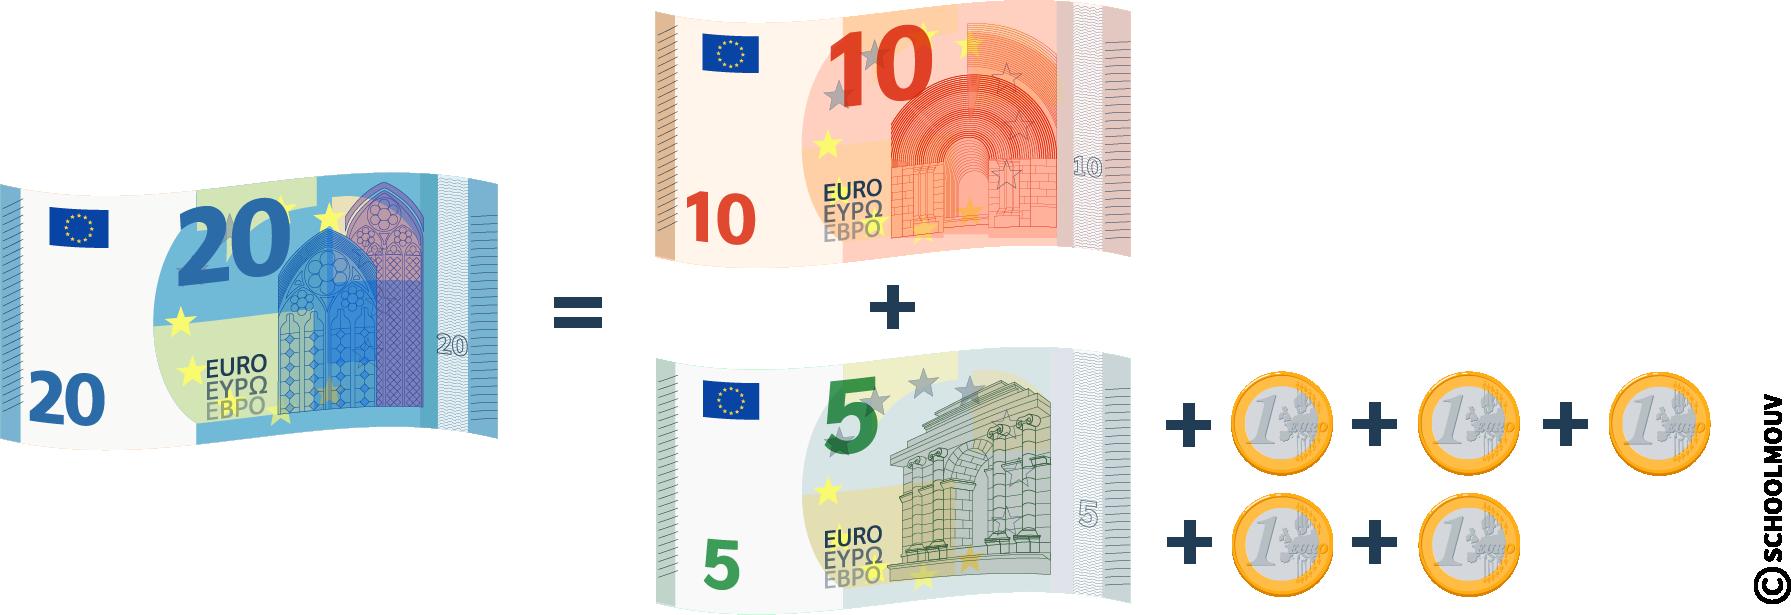 Équivalence entre billets et pièces - vingt euros - dix euros - cinq euros - un euro - SchoolMouv - Maths - CE1